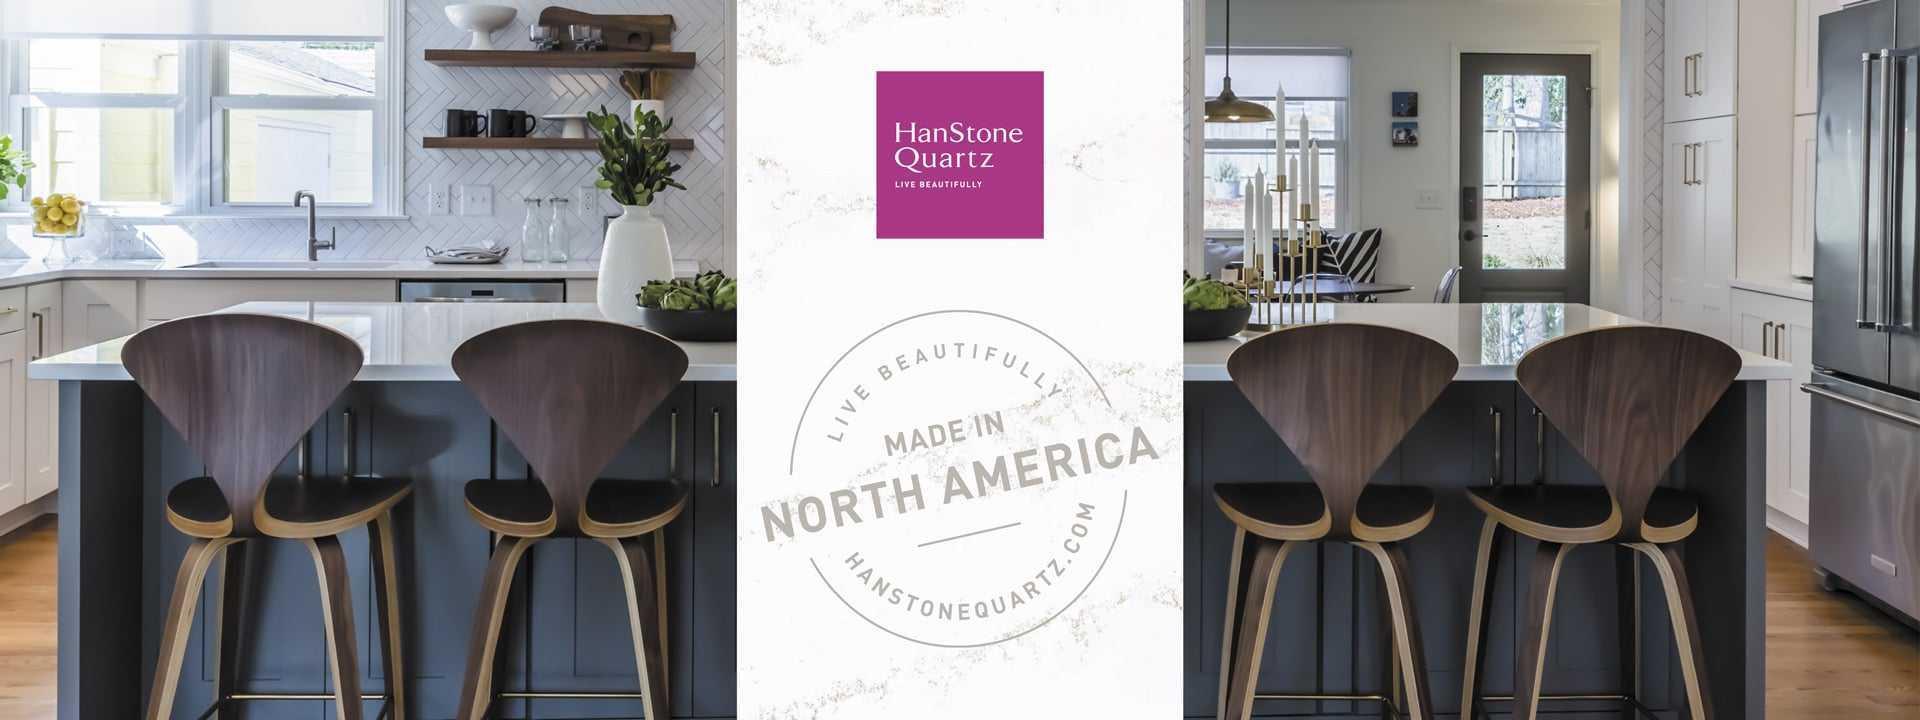 Carousel Banners 1600x6006 Hanstone Desktop 1, Primestones® Granite, Quartz, Marble